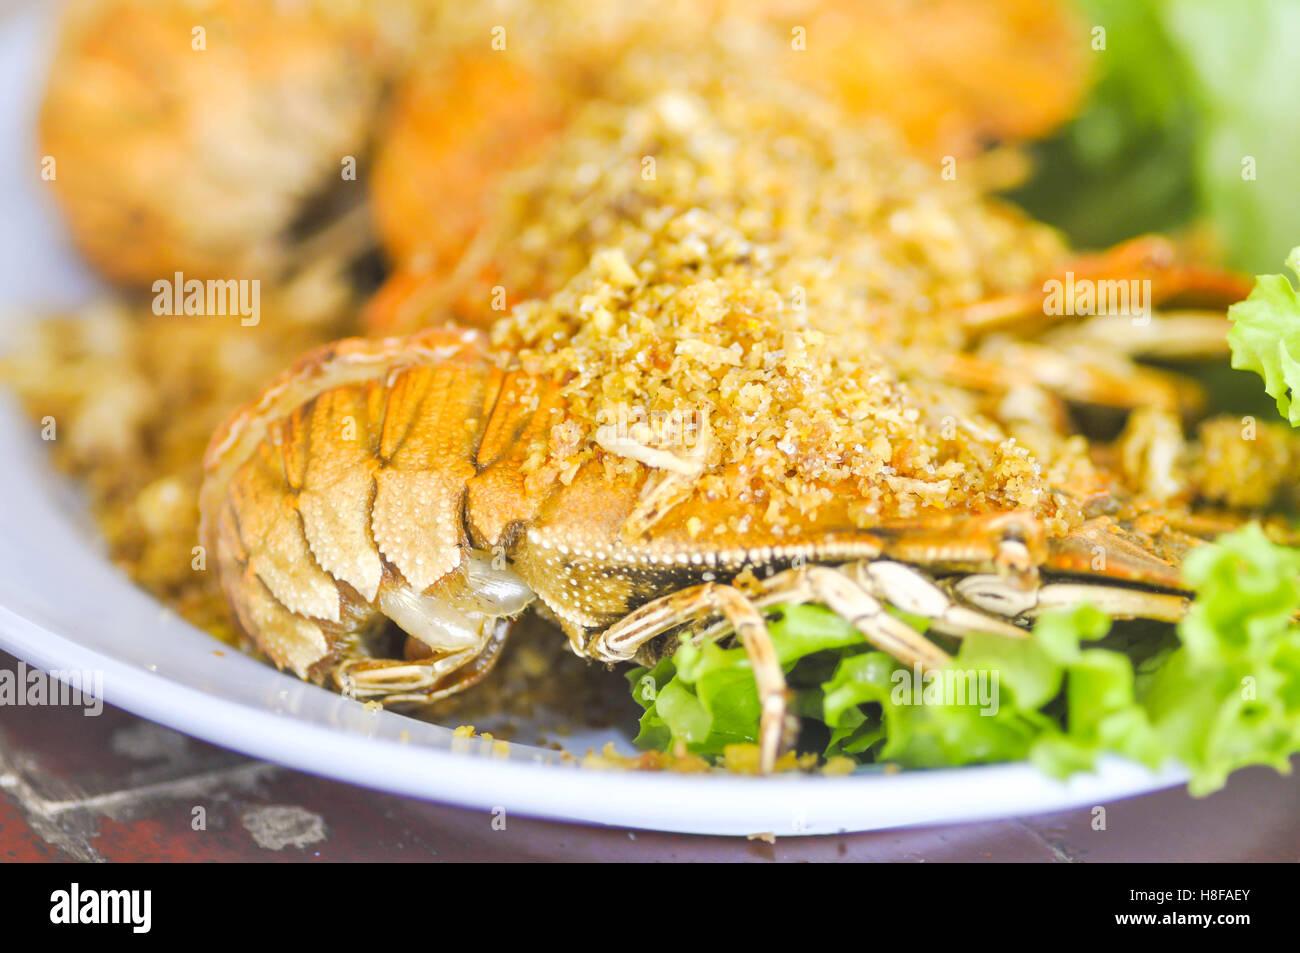 fried mantis shrimp dish or fried crayfish dish - Stock Image